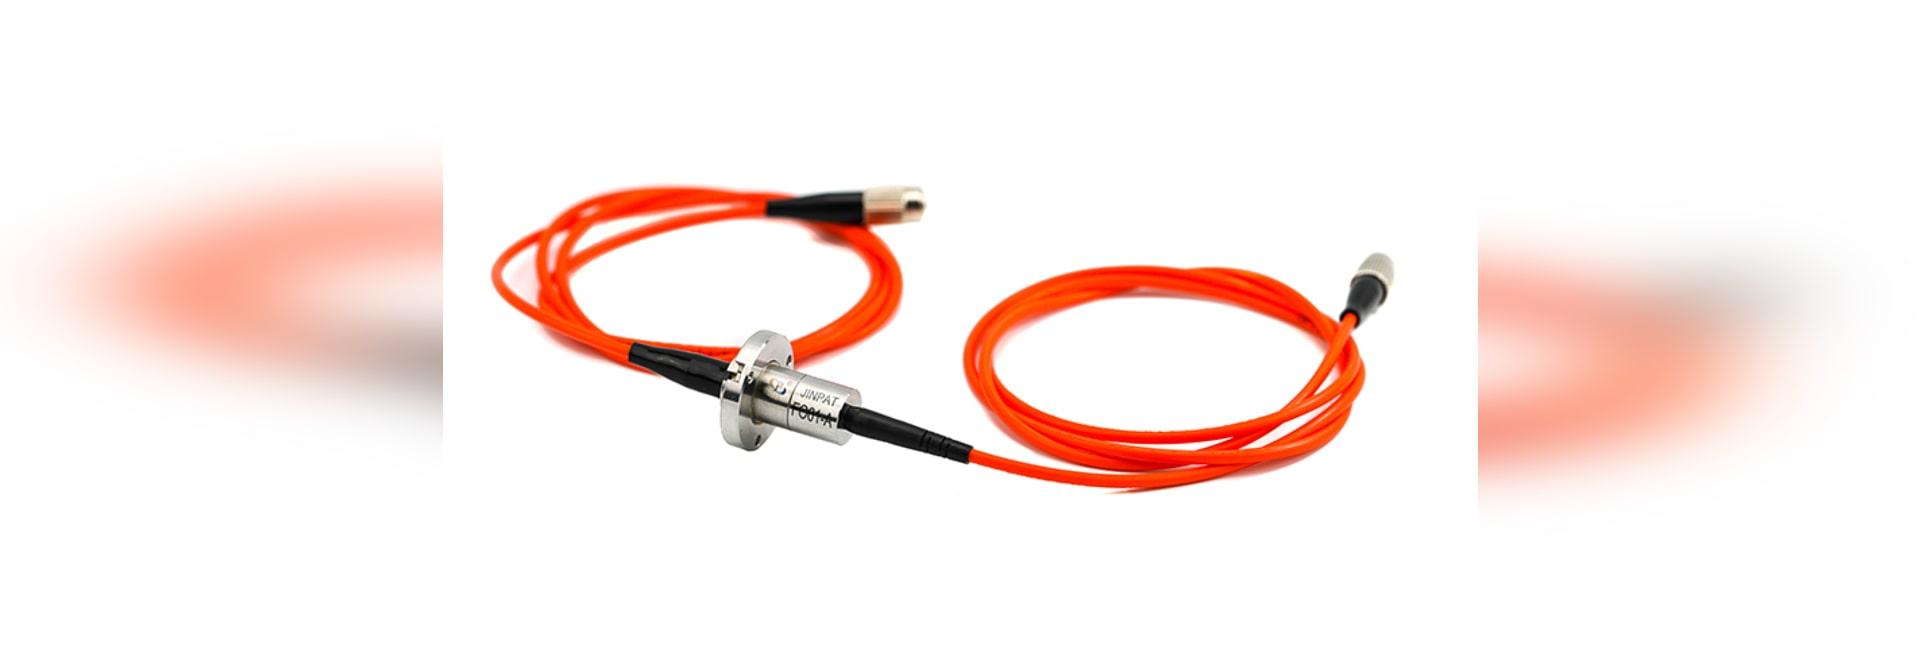 Glissez le match parfait de Ring Tend To A pour des installations de pétrole et de gaz